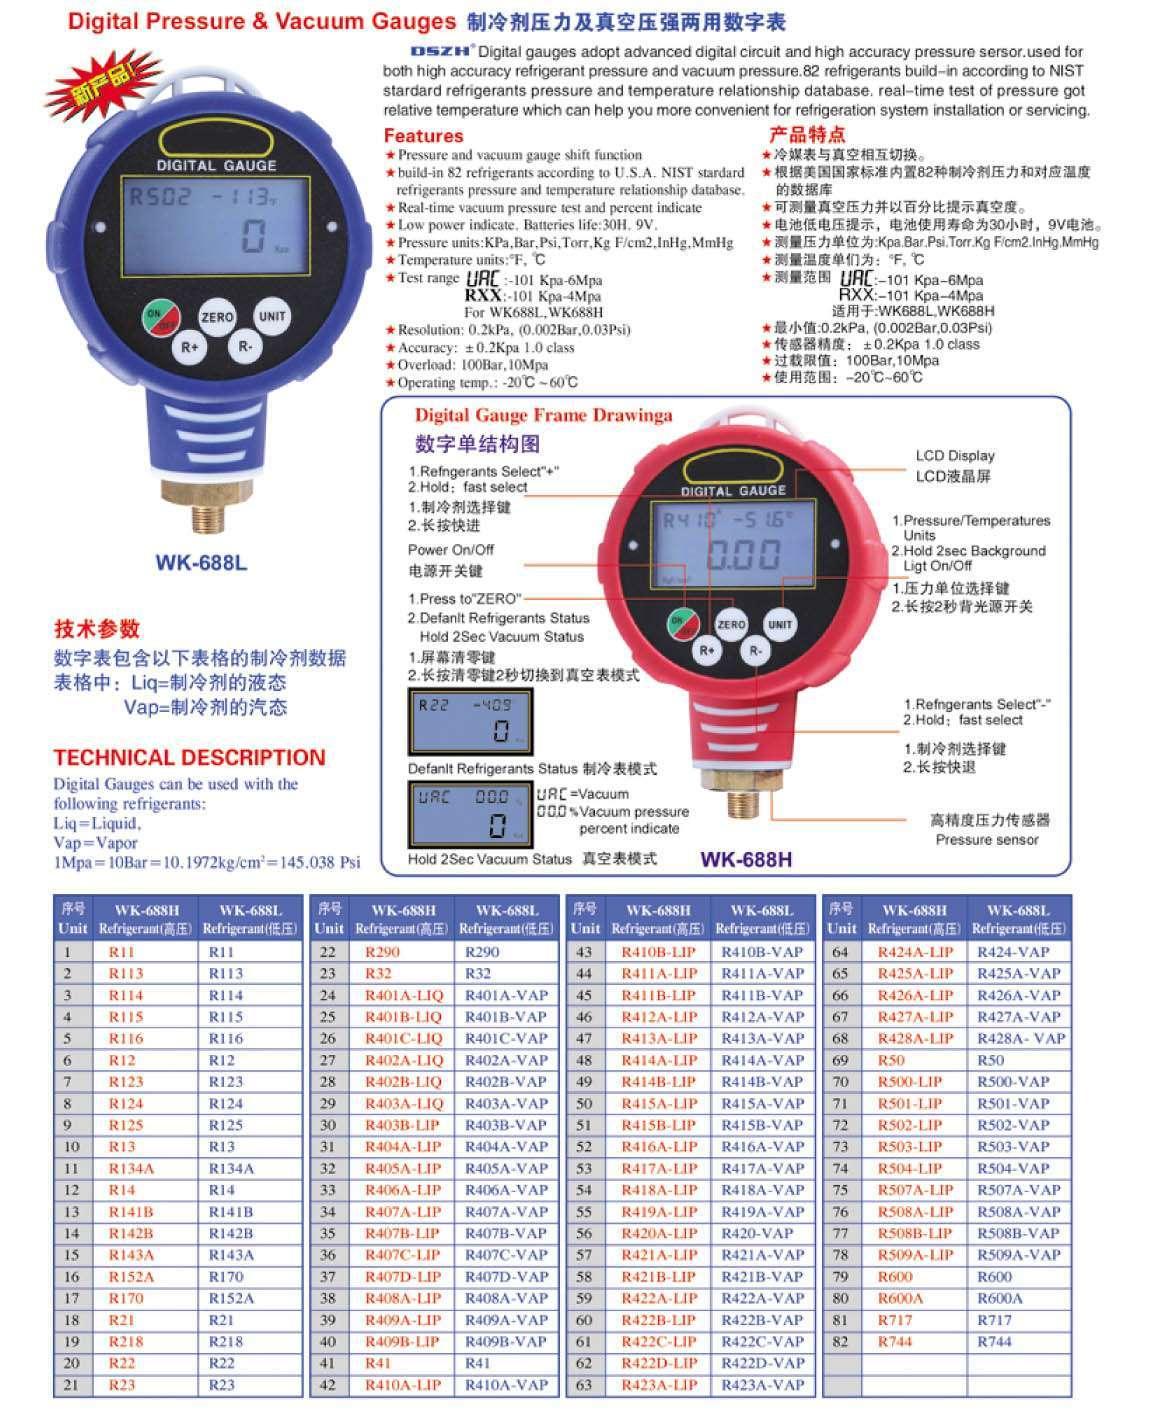 digital pressure & vacuum gauges